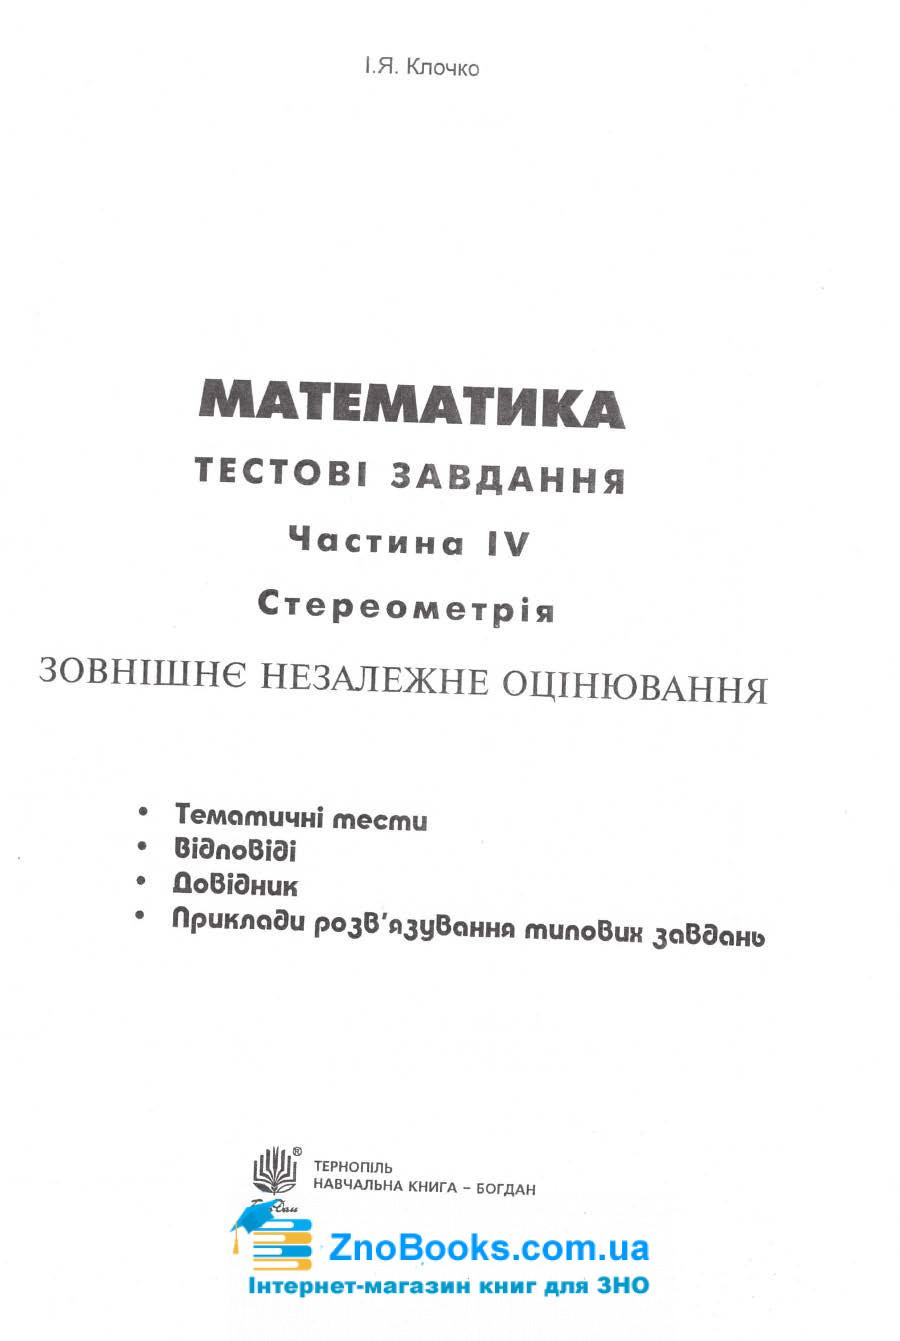 ЗНО 2022 Математика: Комплексне видання ( Клочко ) Стереометрія Частина 4 . Навчальна книга - Богдан 1